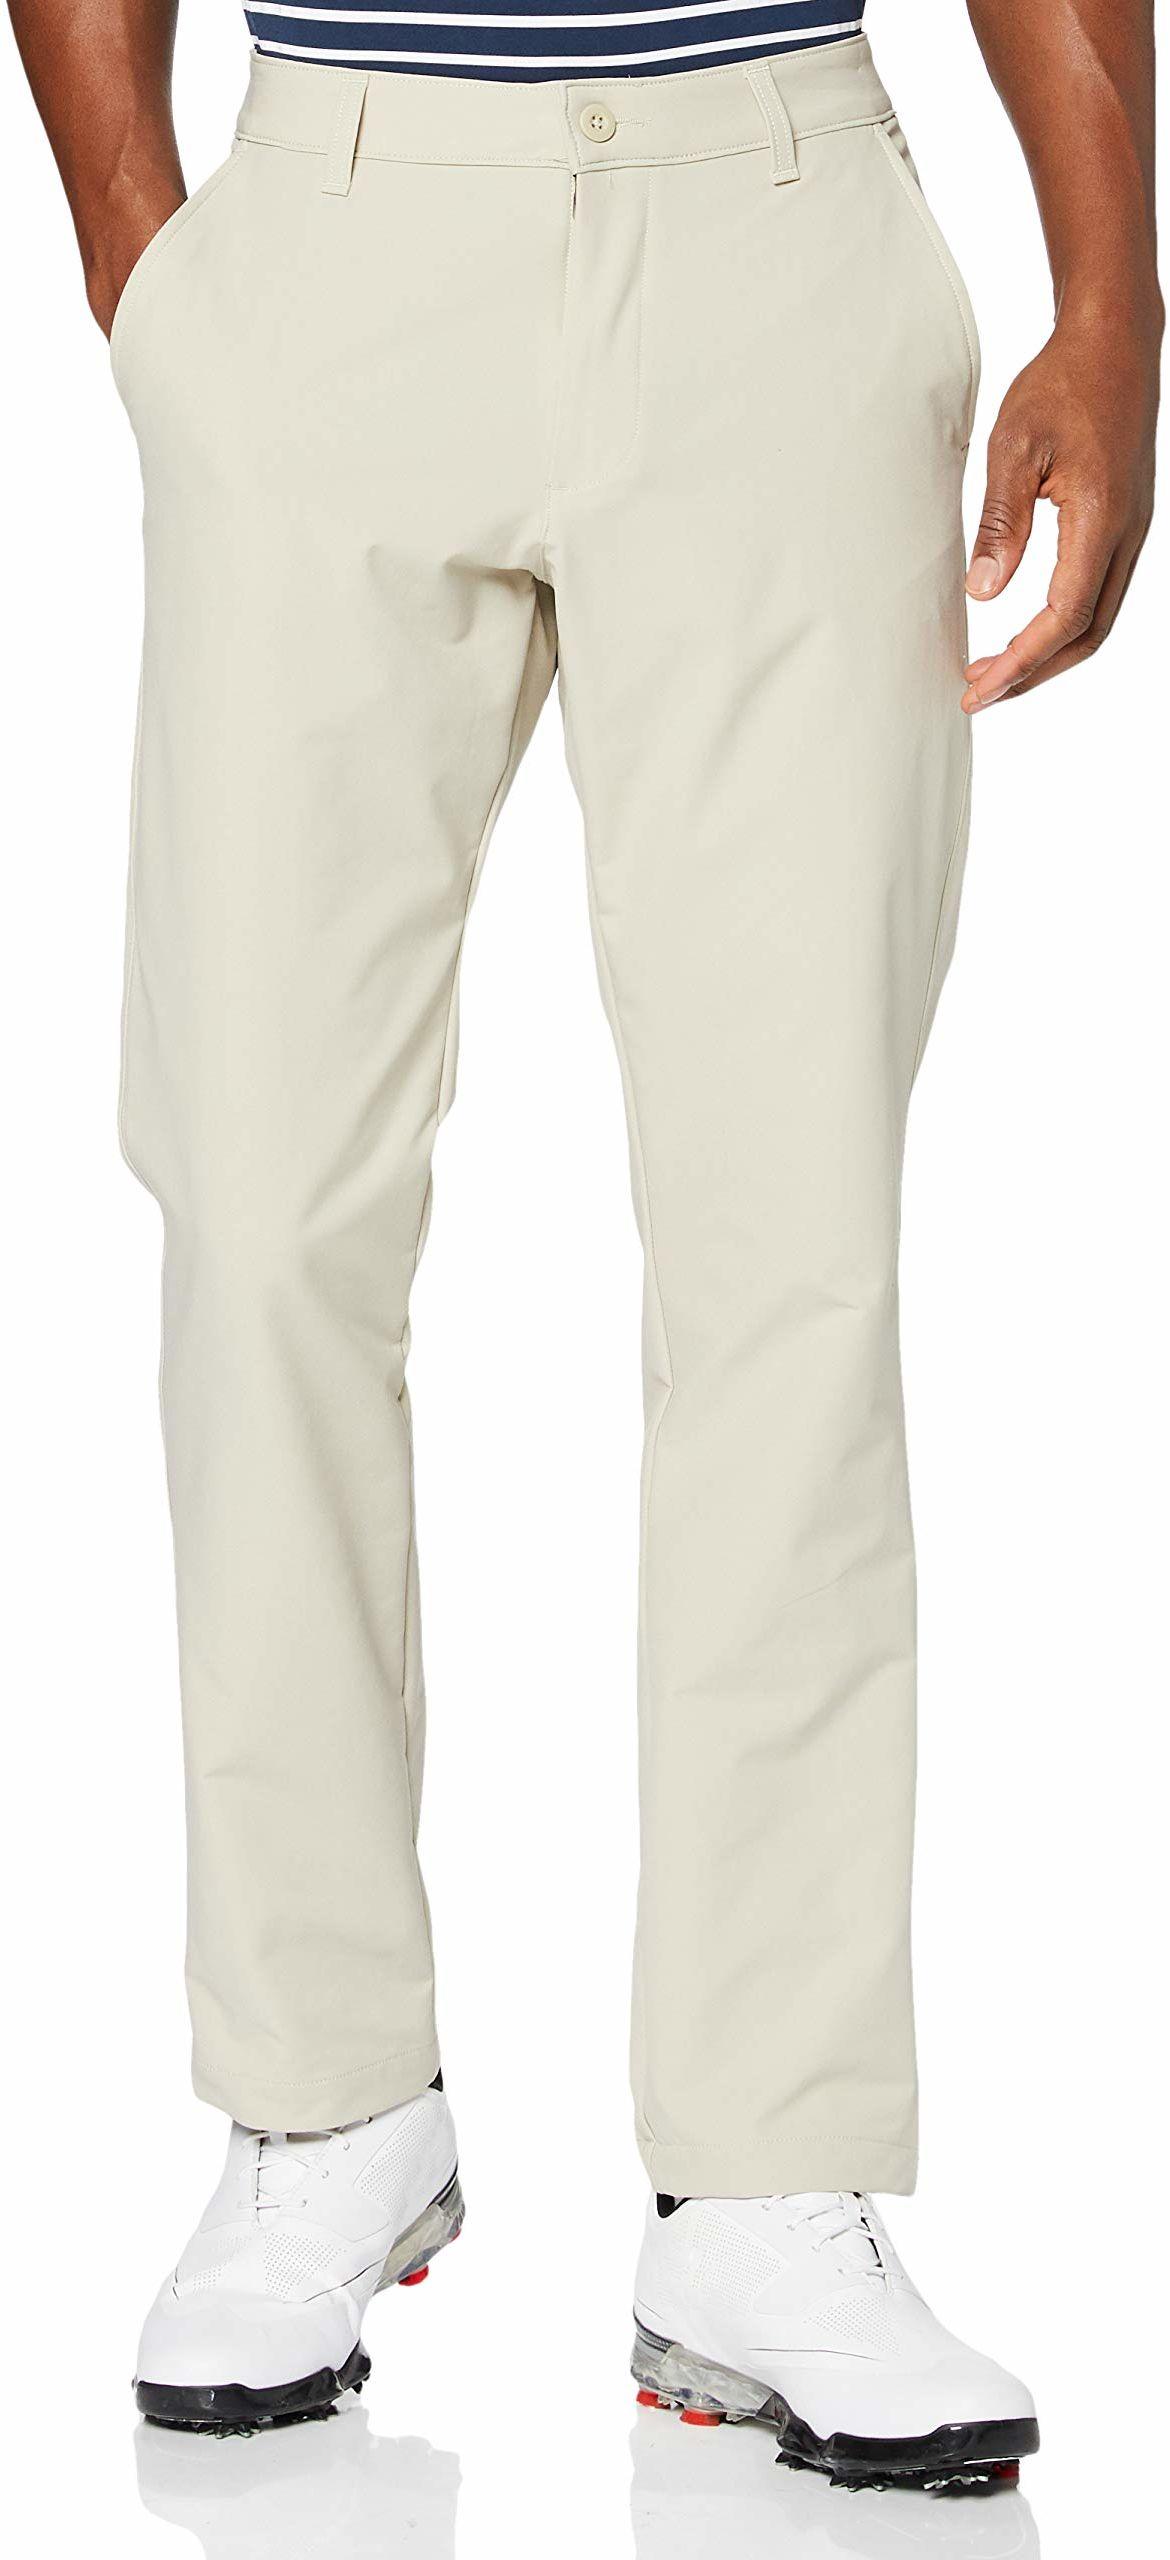 Under Armour Ua Tech spodnie treningowe męskie Podstawa khaki, podstawa khaki, podstawa khaki 38